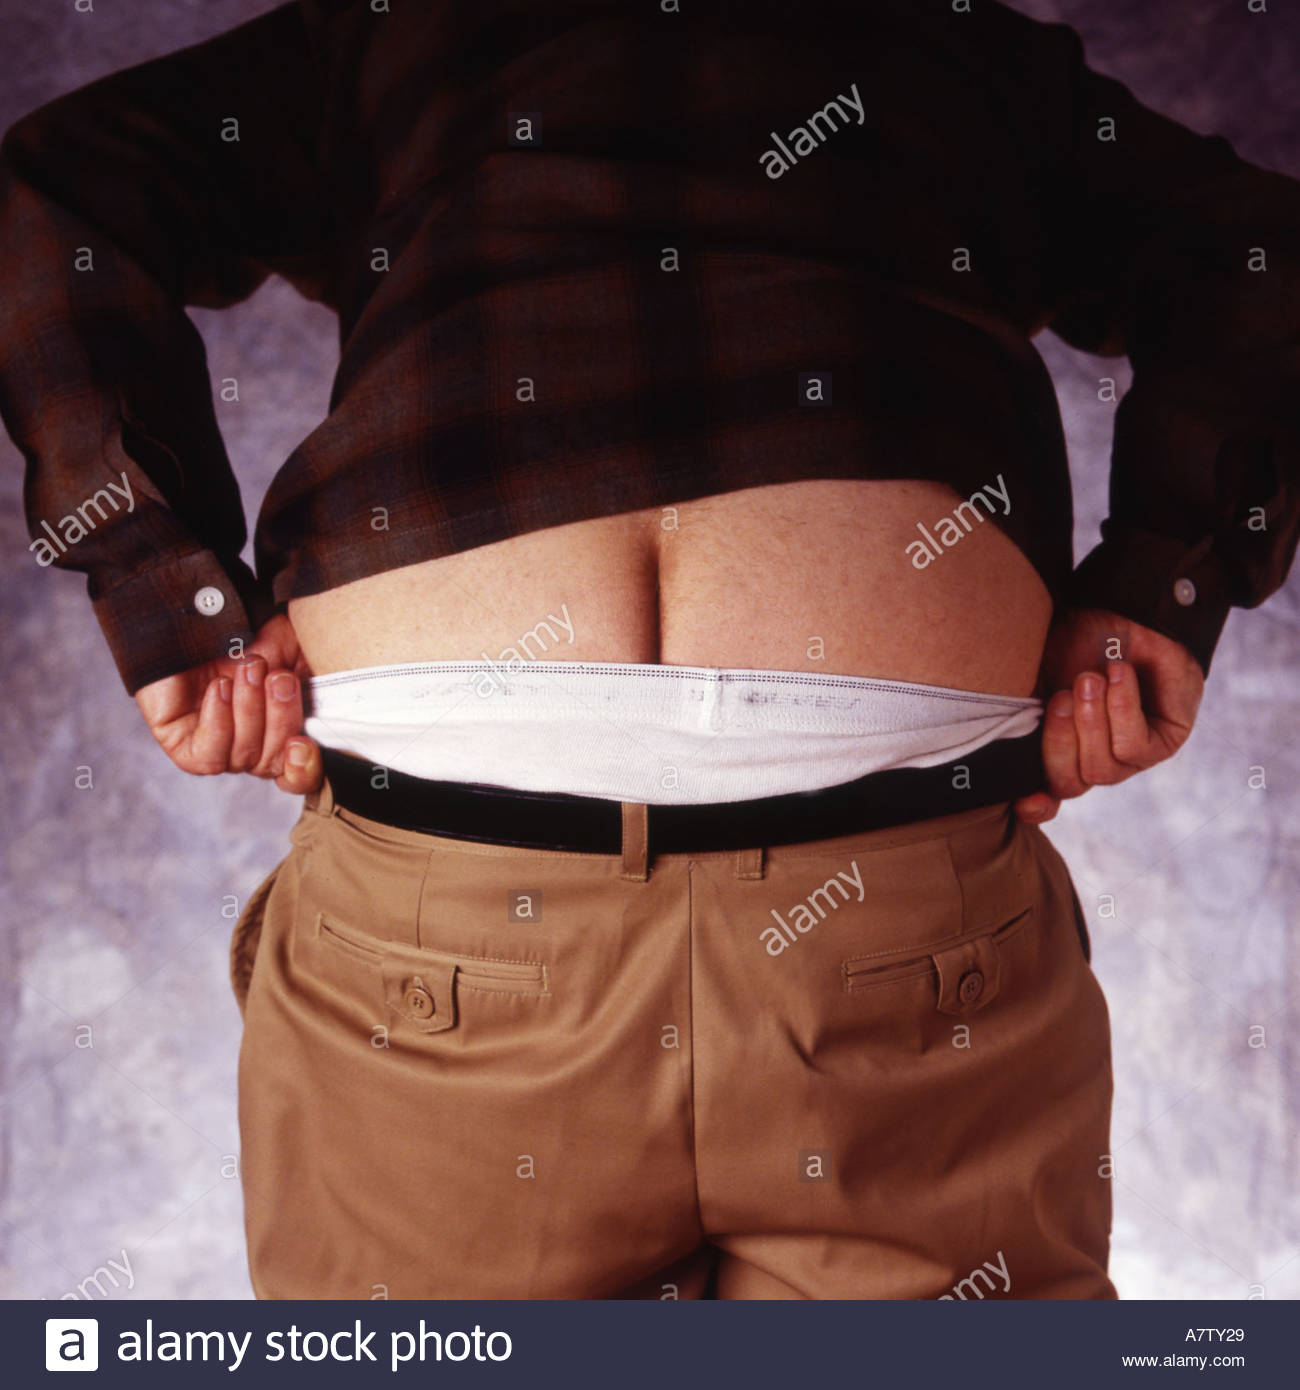 Male Butt Videos 65